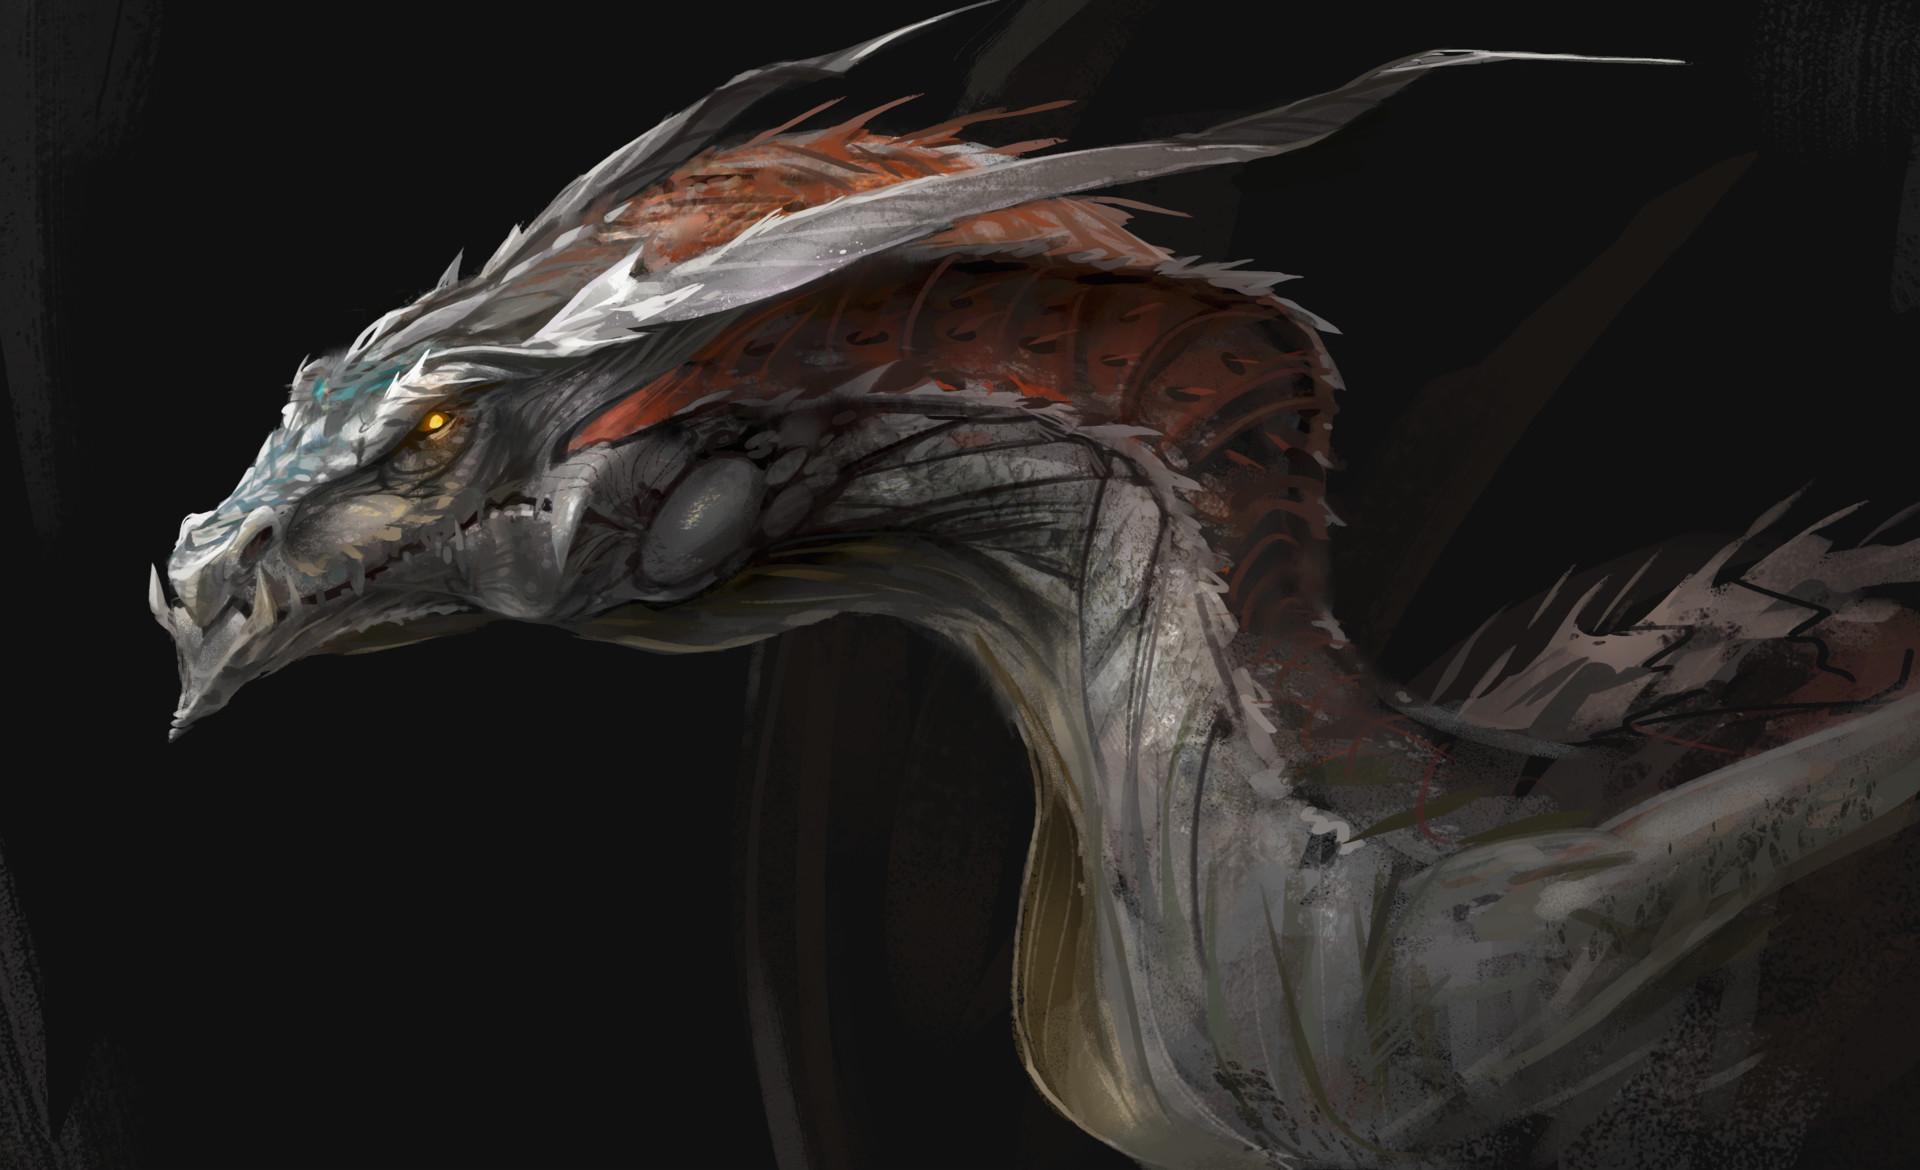 Dragon concept for Actiongram. Final model here: https://www.artstation.com/artwork/amkDR